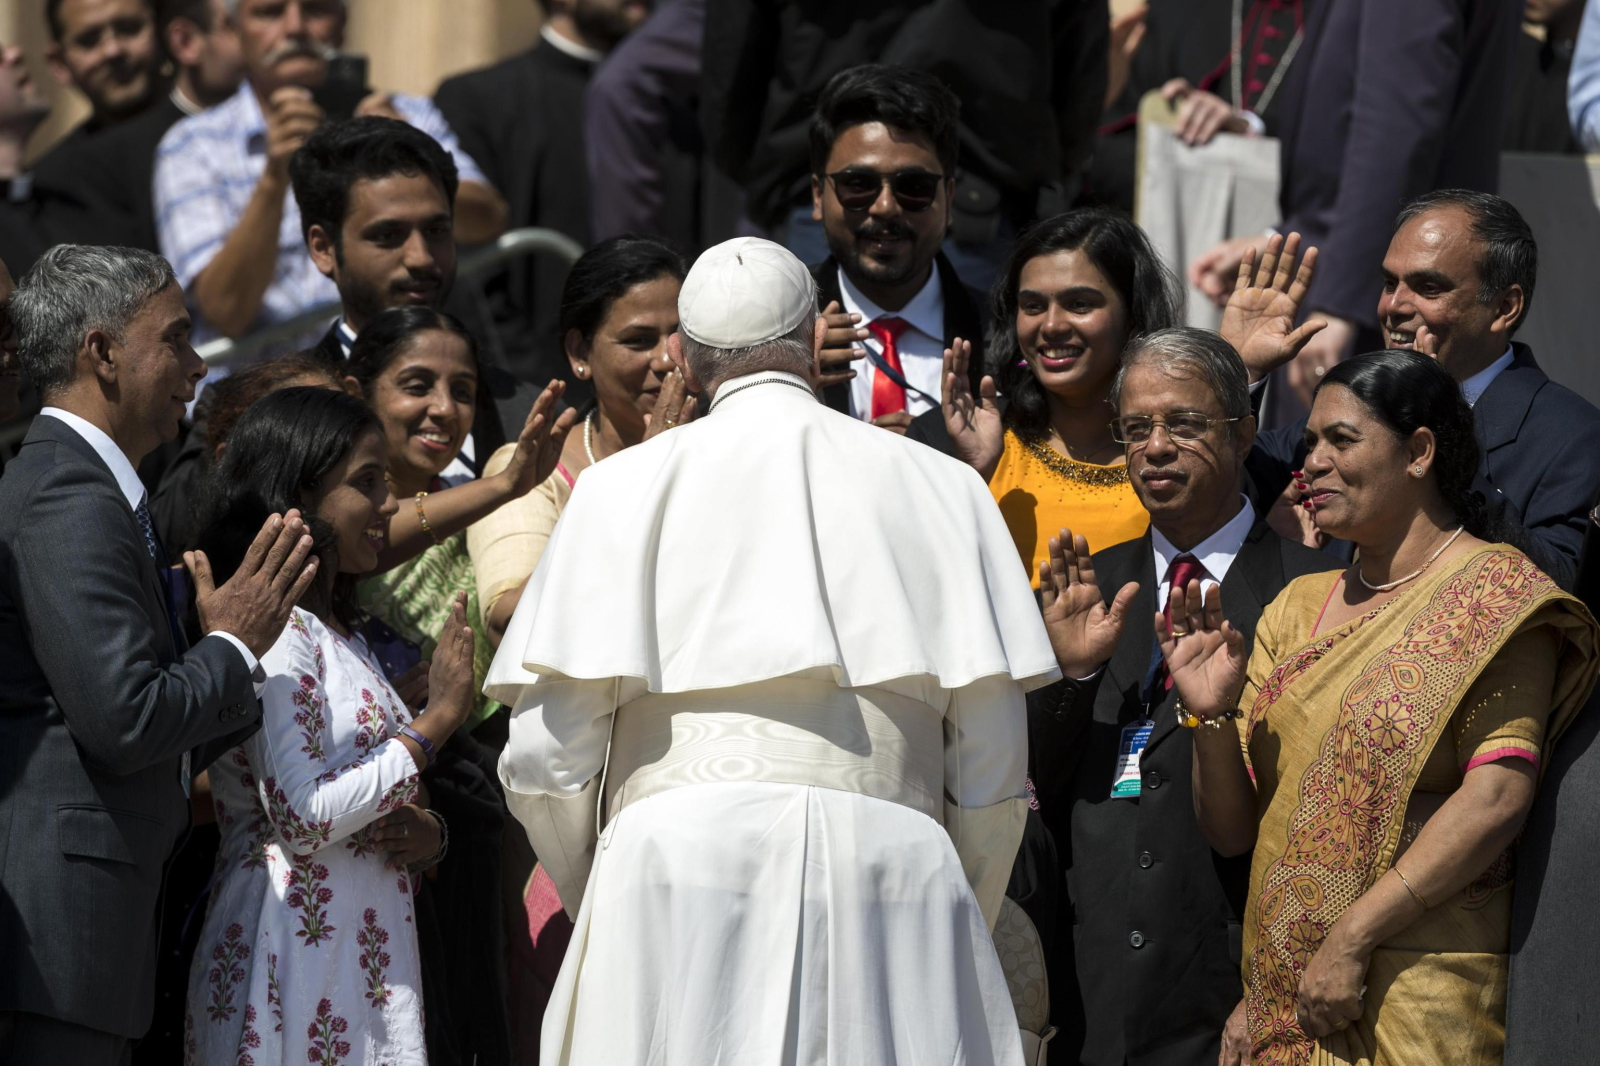 Papież Franciszek podczas audiencji środowej EPA/ANGELO CARCONI